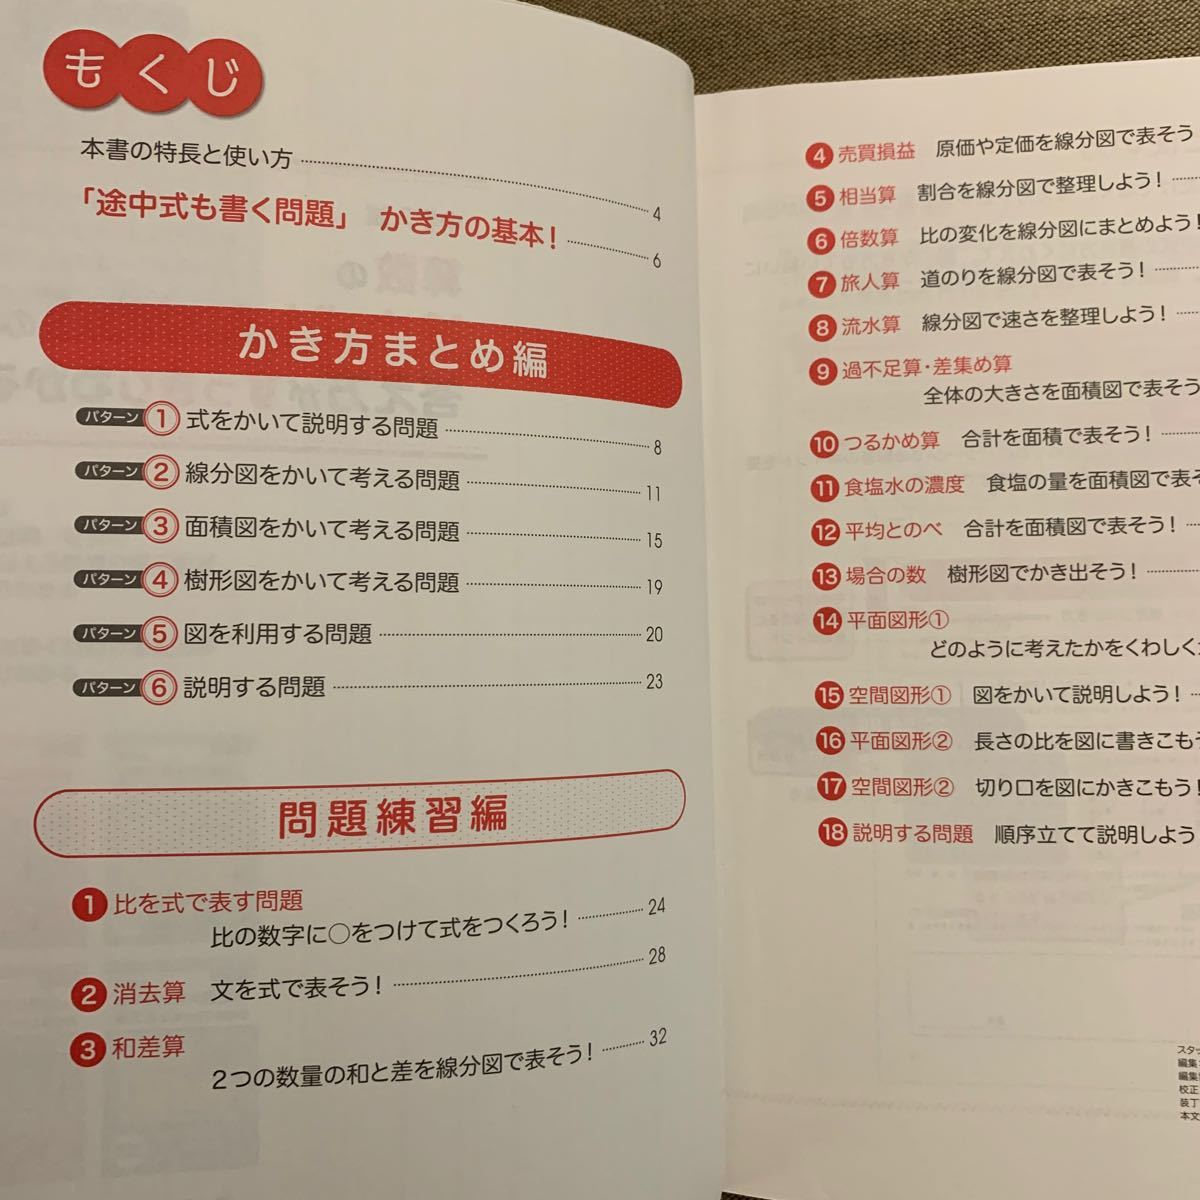 中学入試 算数の途中式も書く問題の答え方がすっきりわかる/旺文社 (編者)